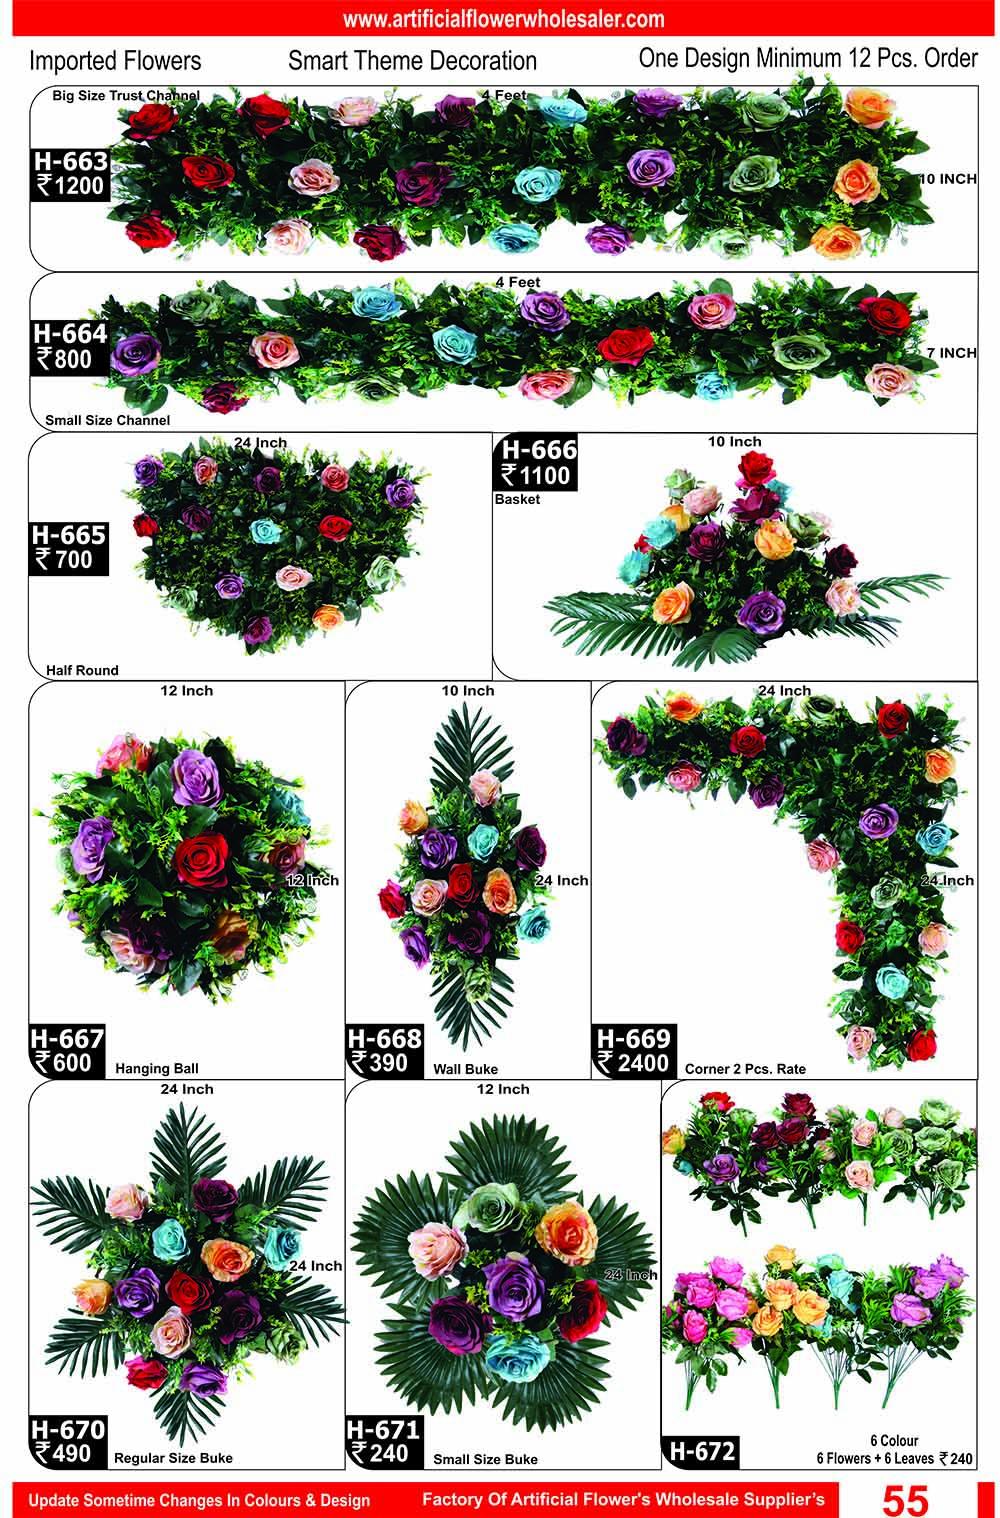 55-artificial-flower-wholesaler